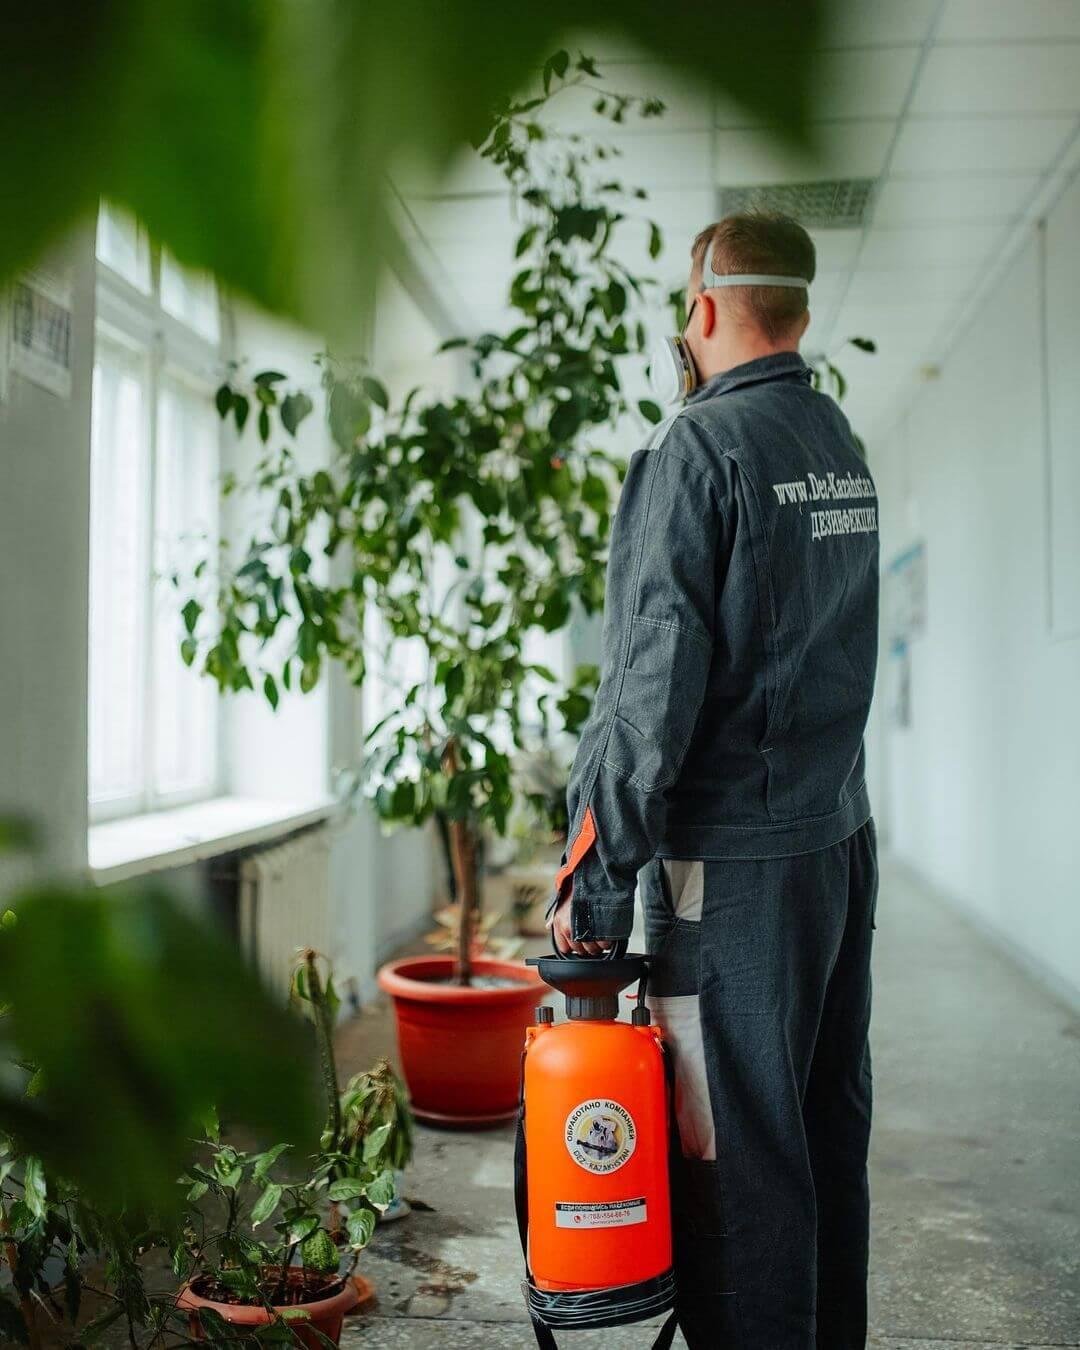 Дезинфектор дезинфицирует комнатные растения от вредителей